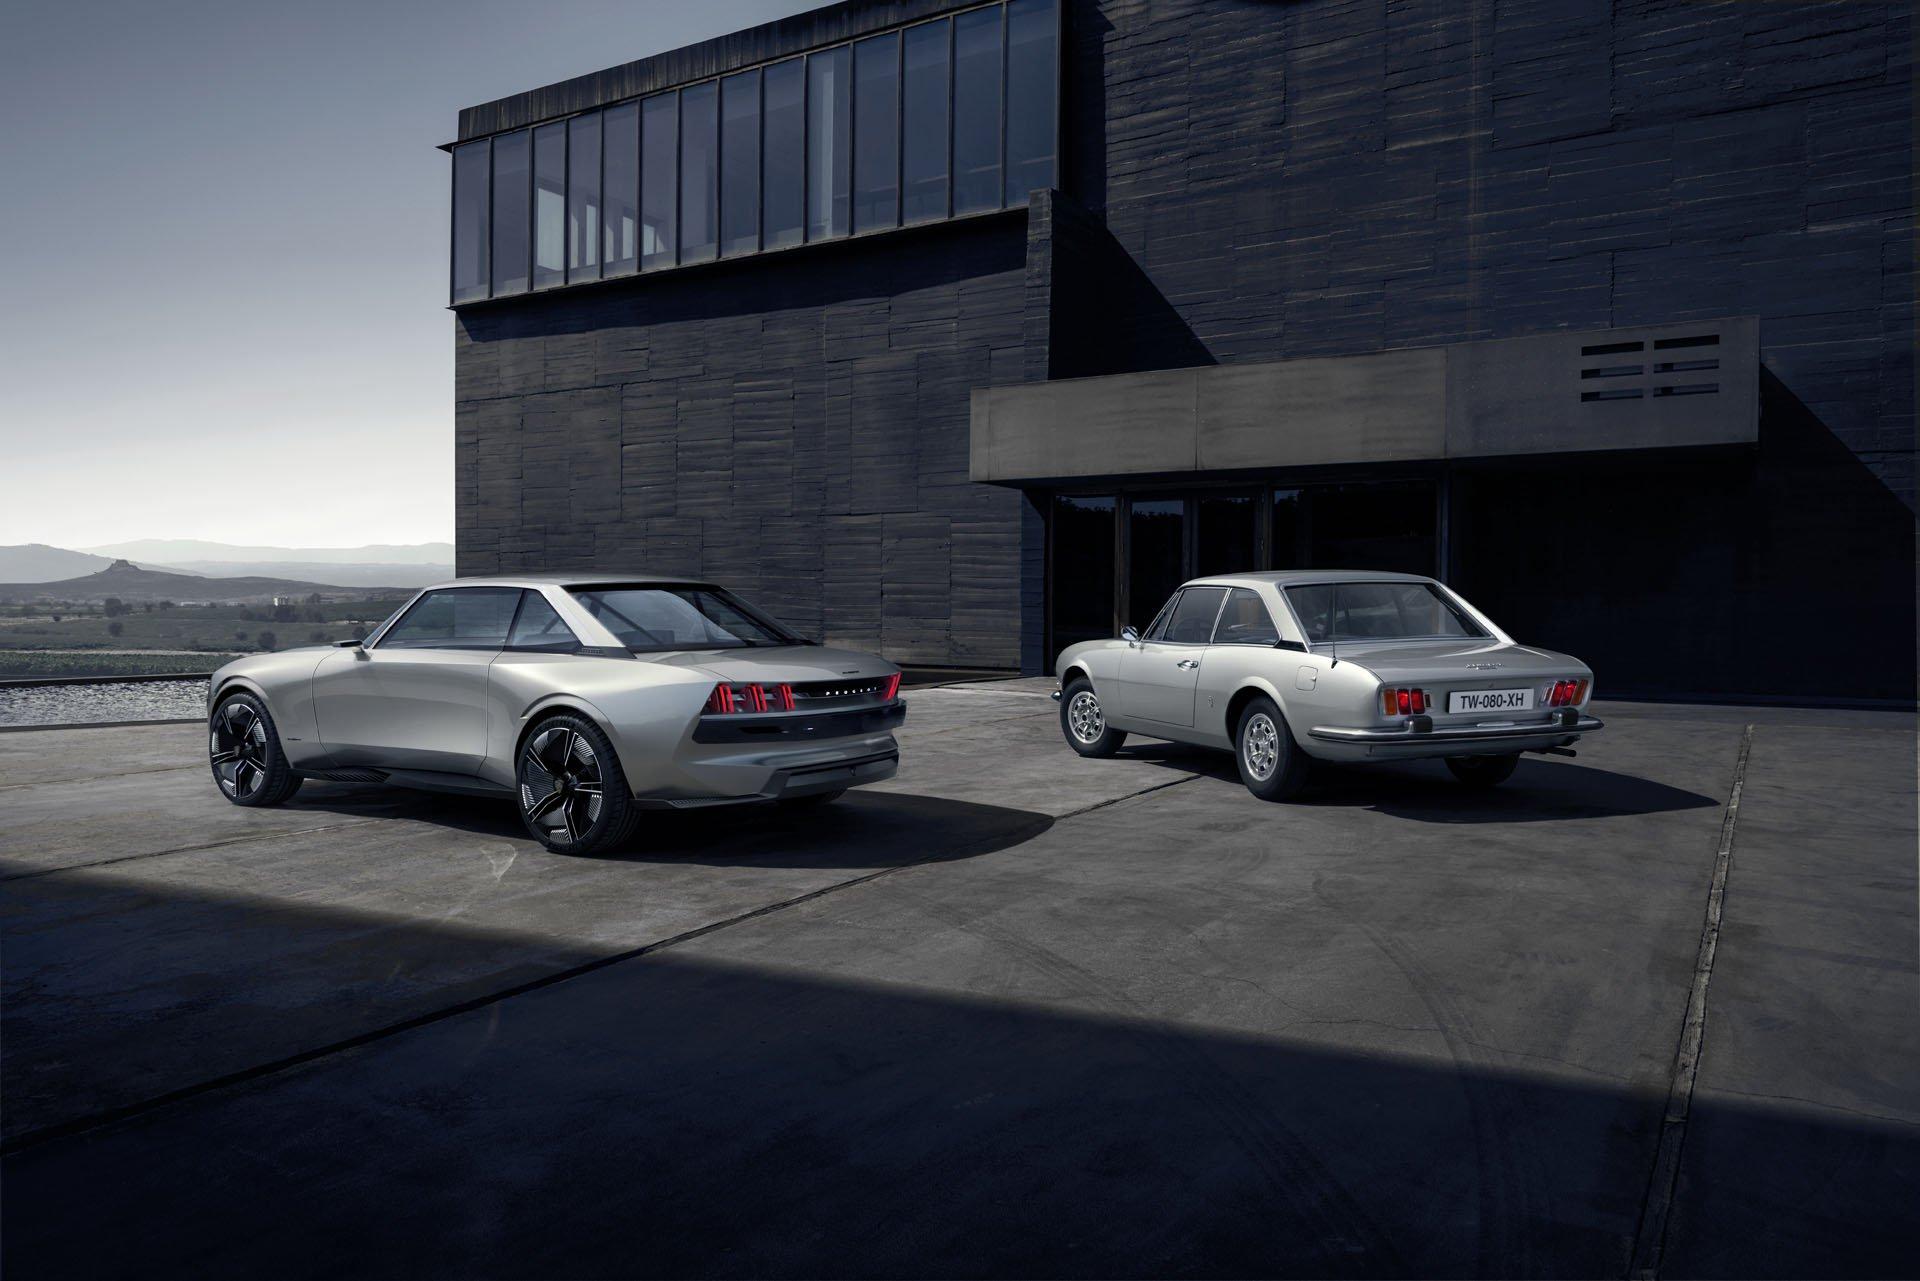 El Peugeot e-Legend Concept desde todos los ángulos